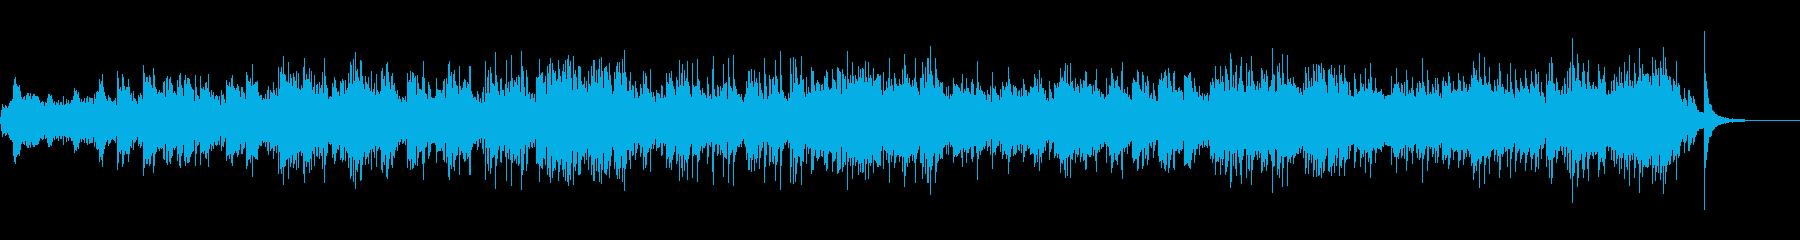 神秘的な和風音楽の再生済みの波形